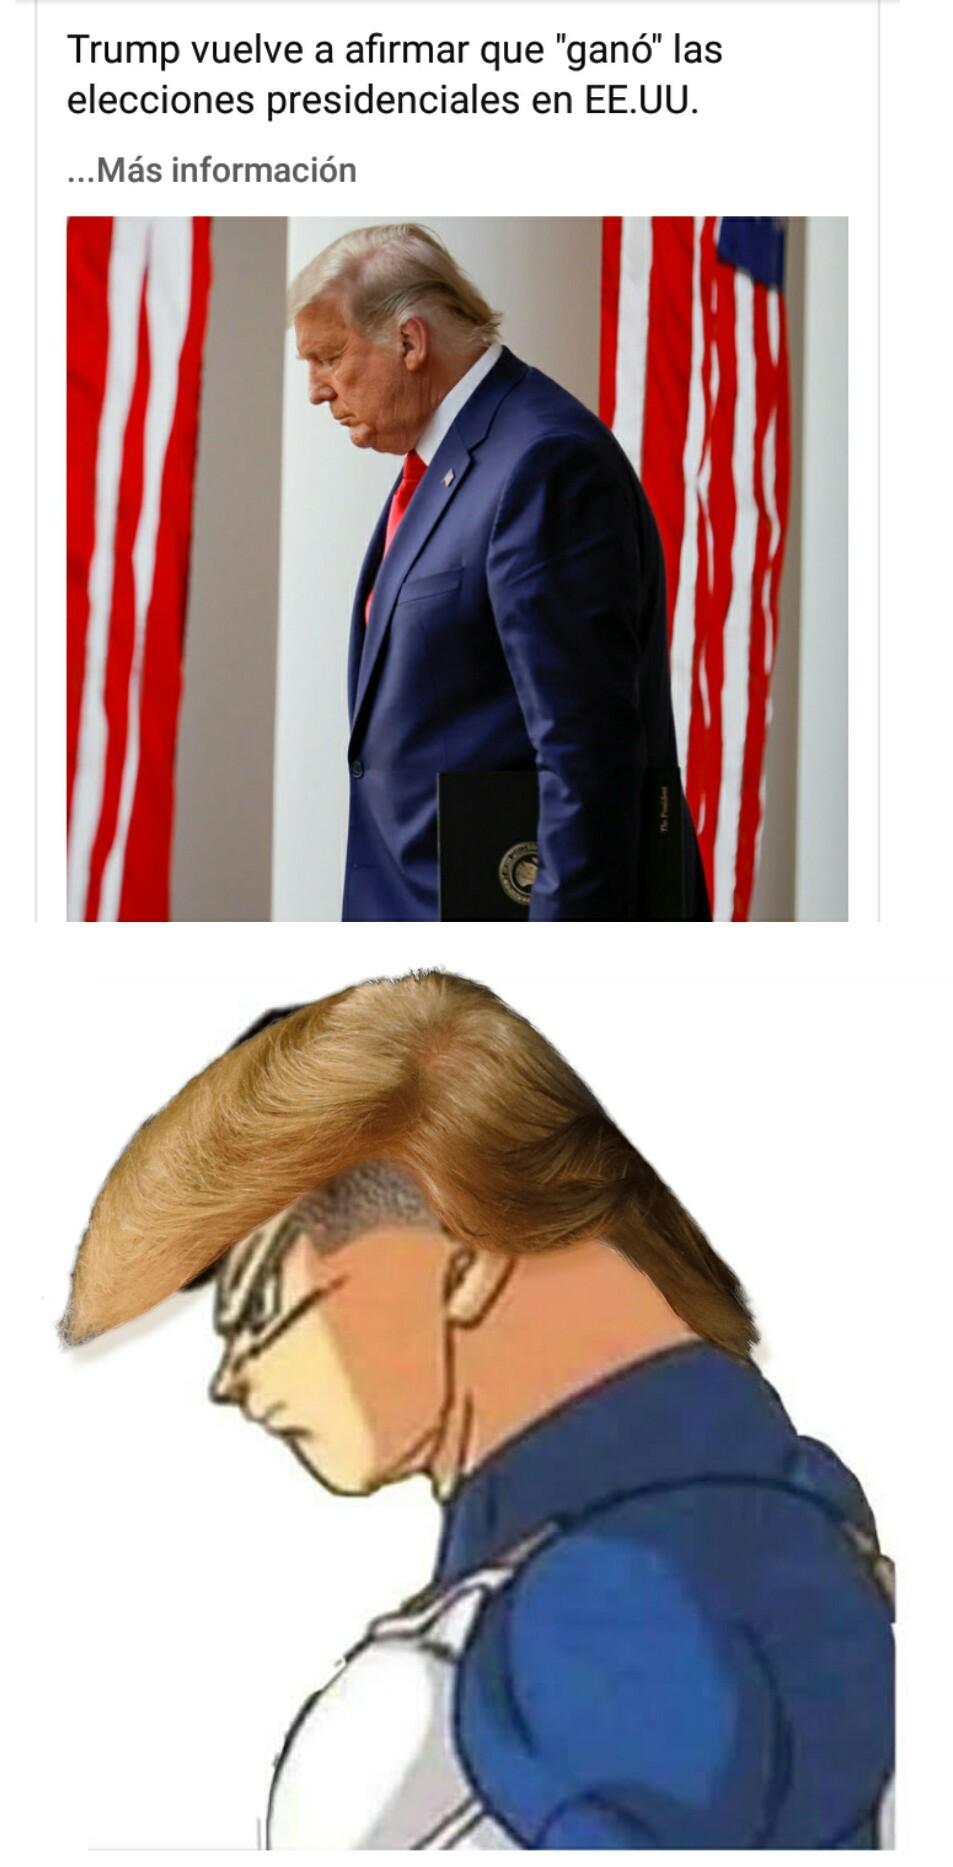 Edición mala xd - meme